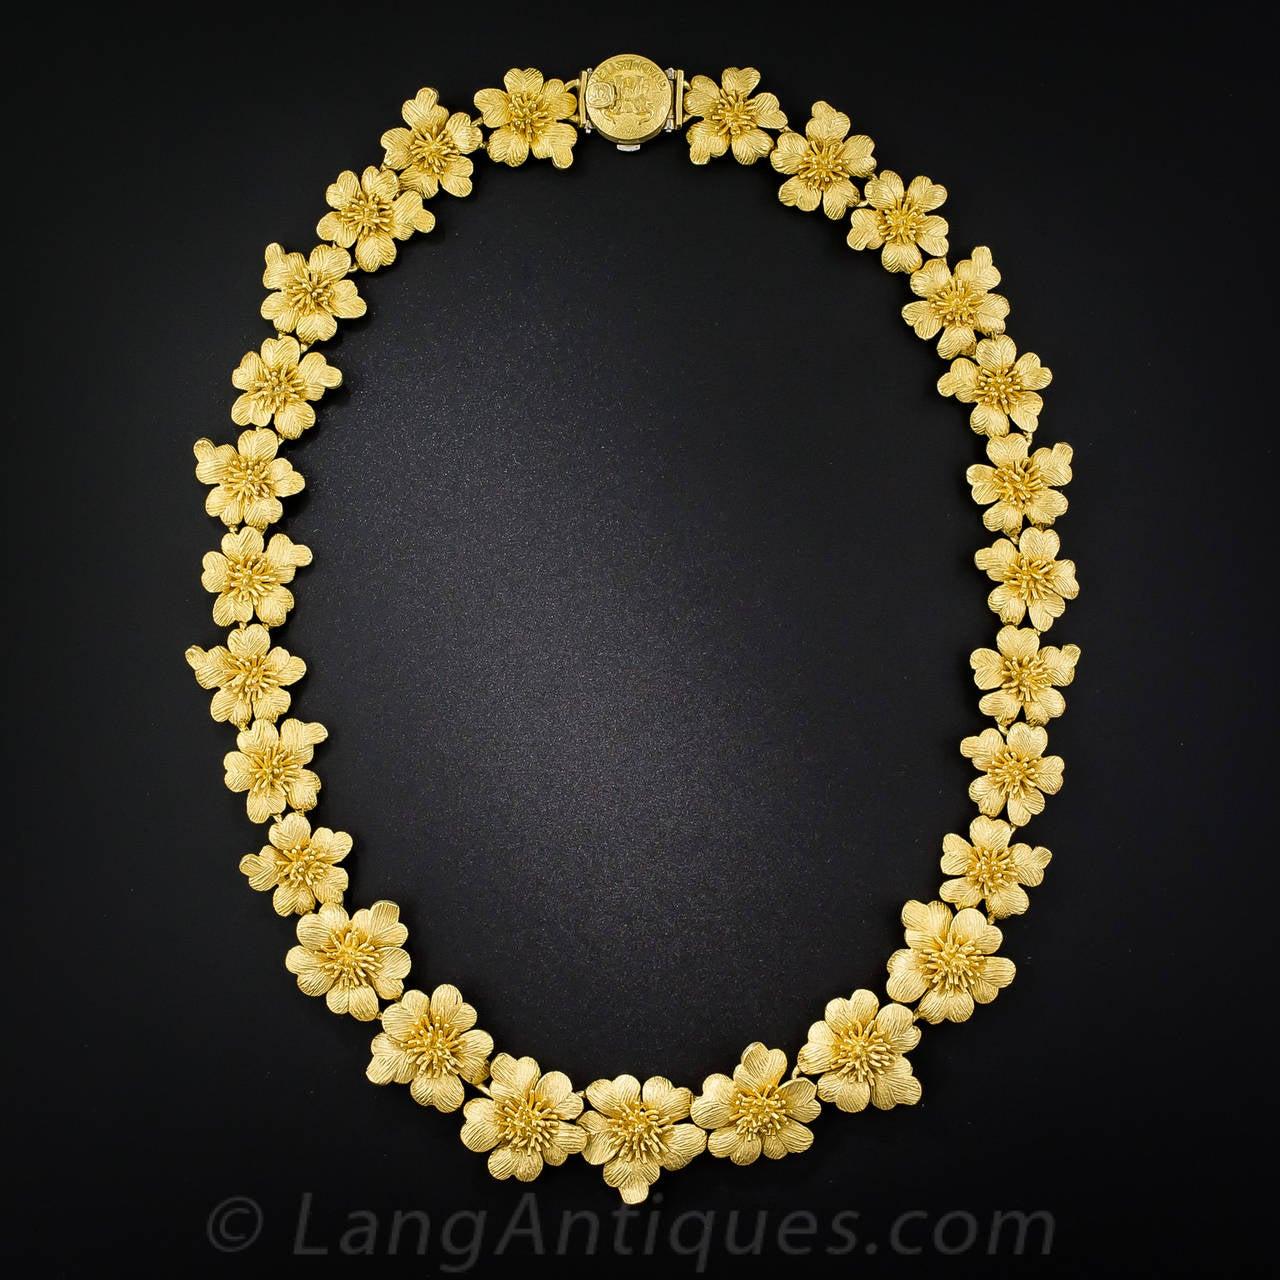 goldmaster gold flower necklace at 1stdibs